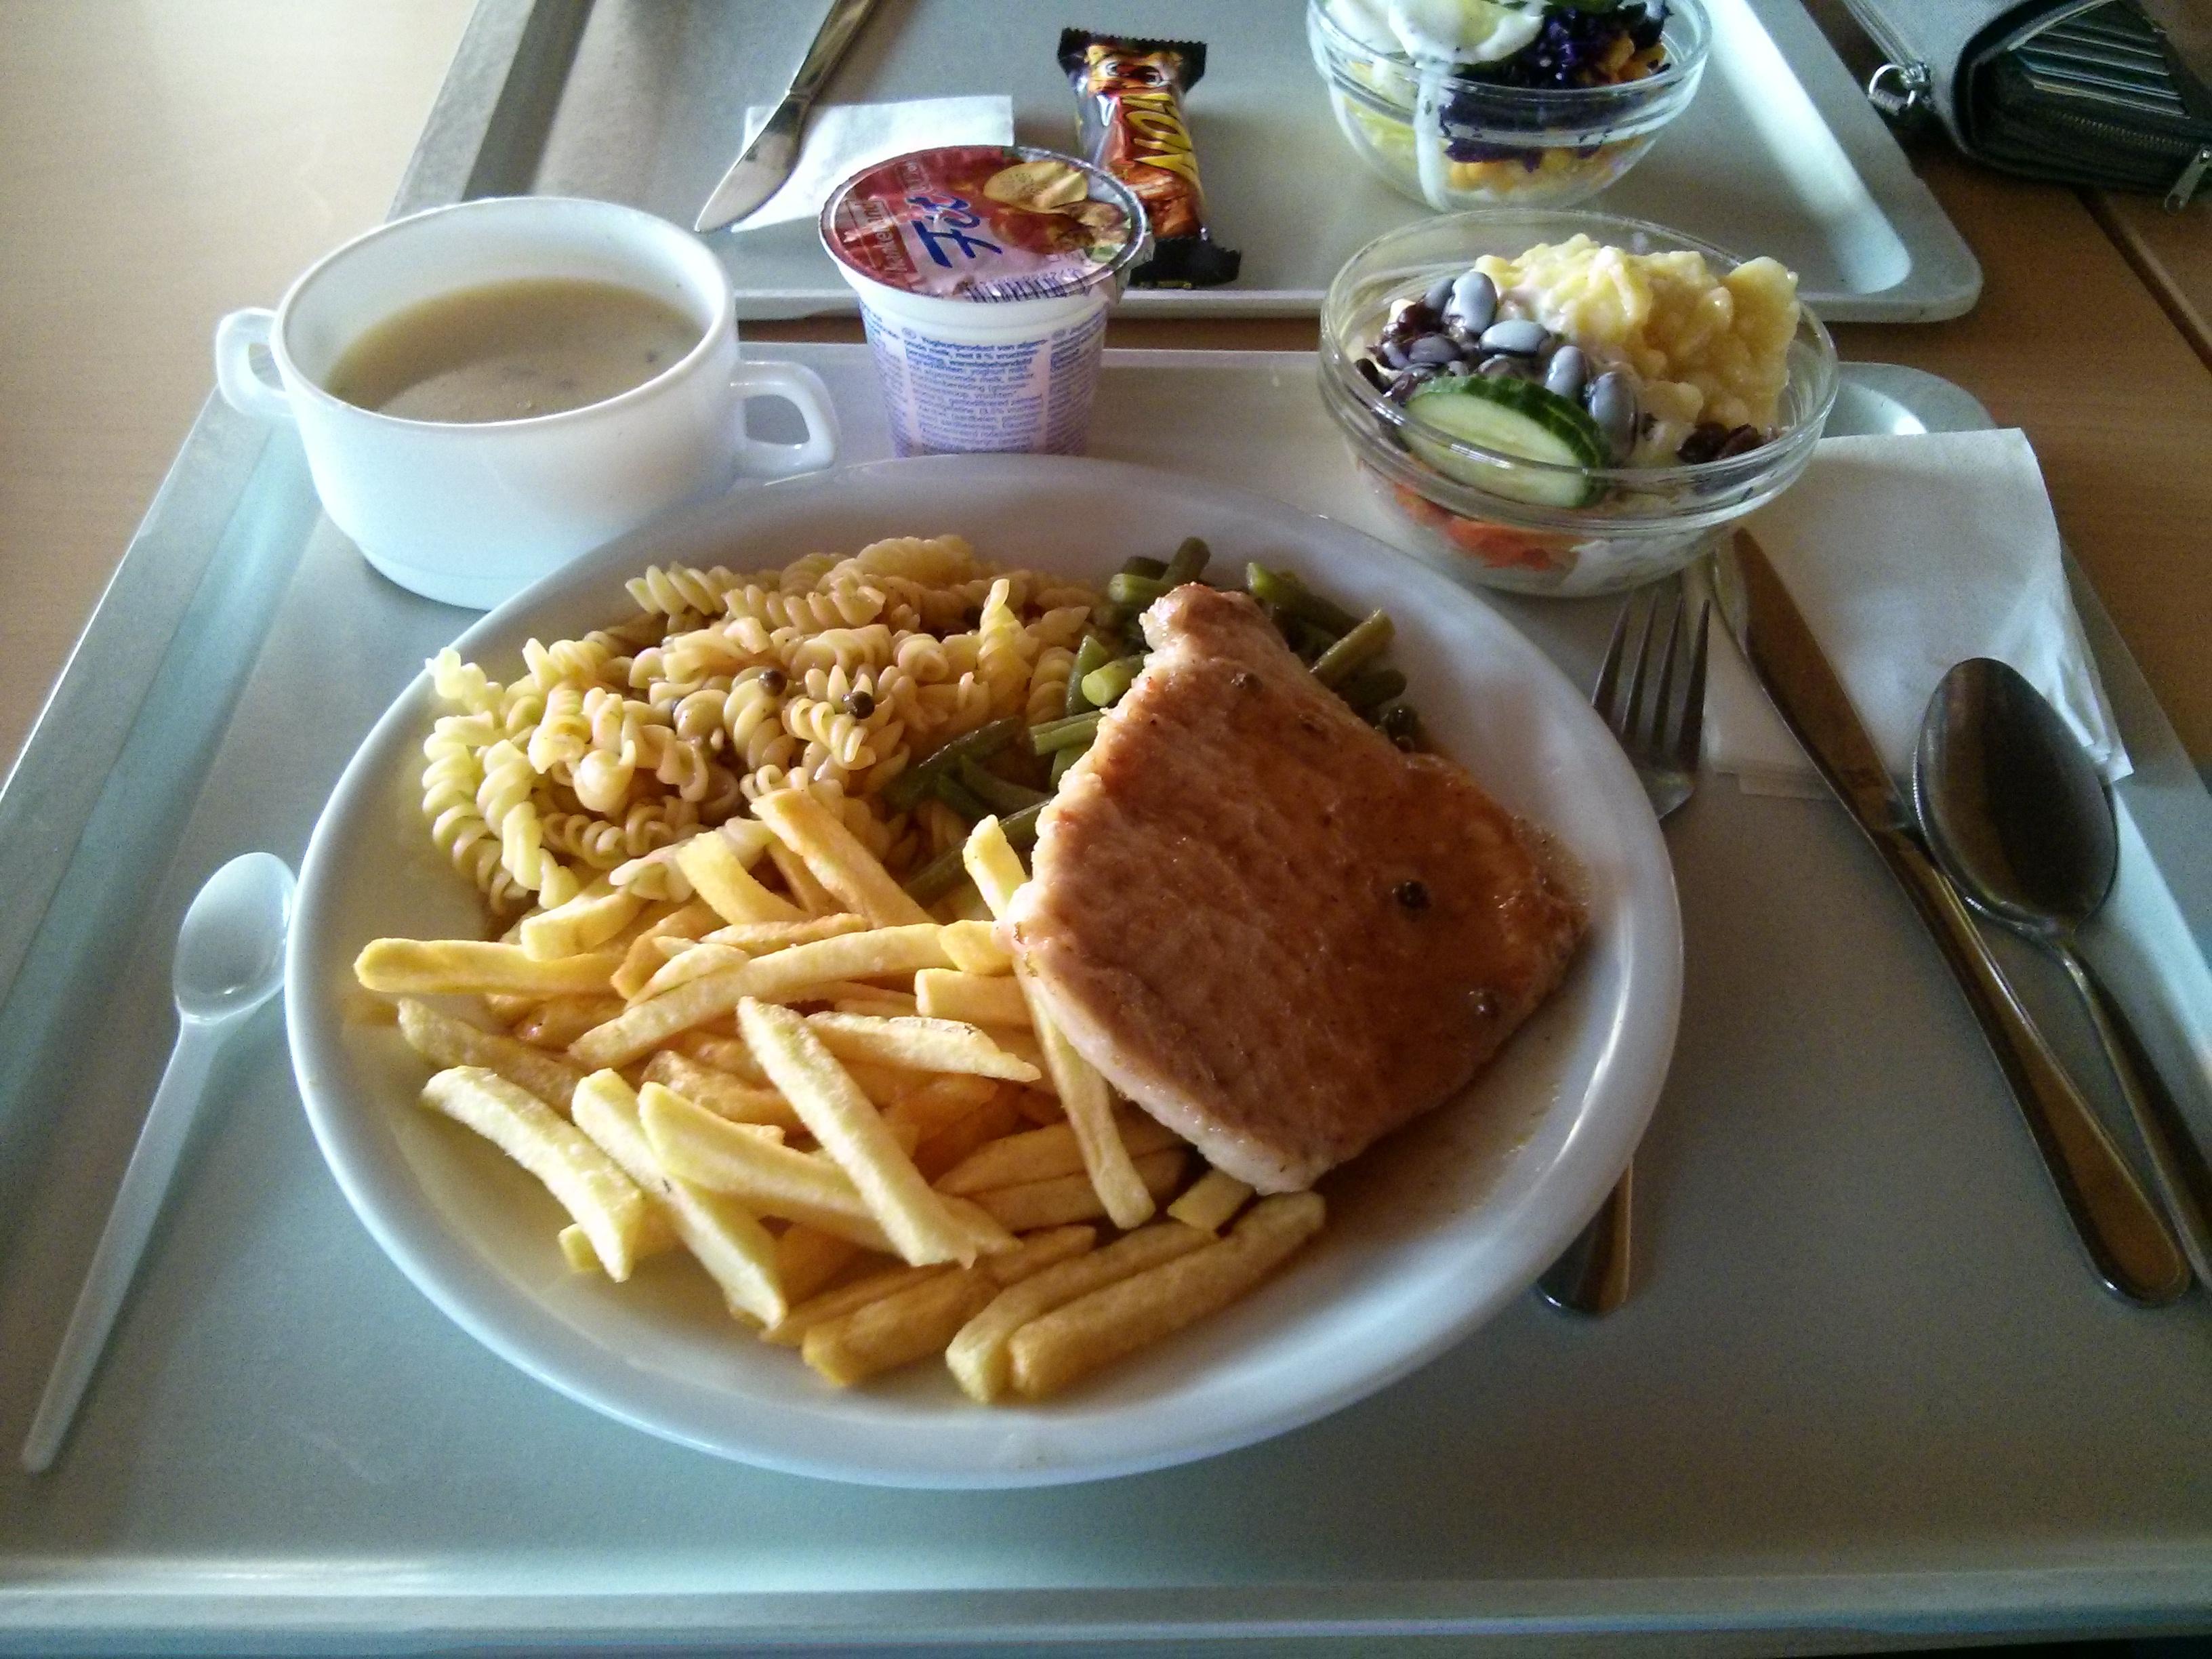 https://foodloader.net/nico_2013-10-31_rueckensteak-mit-nudeln-kartoffeln-und-bohnen-mit-suppe-salat-und-joghurt.jpg